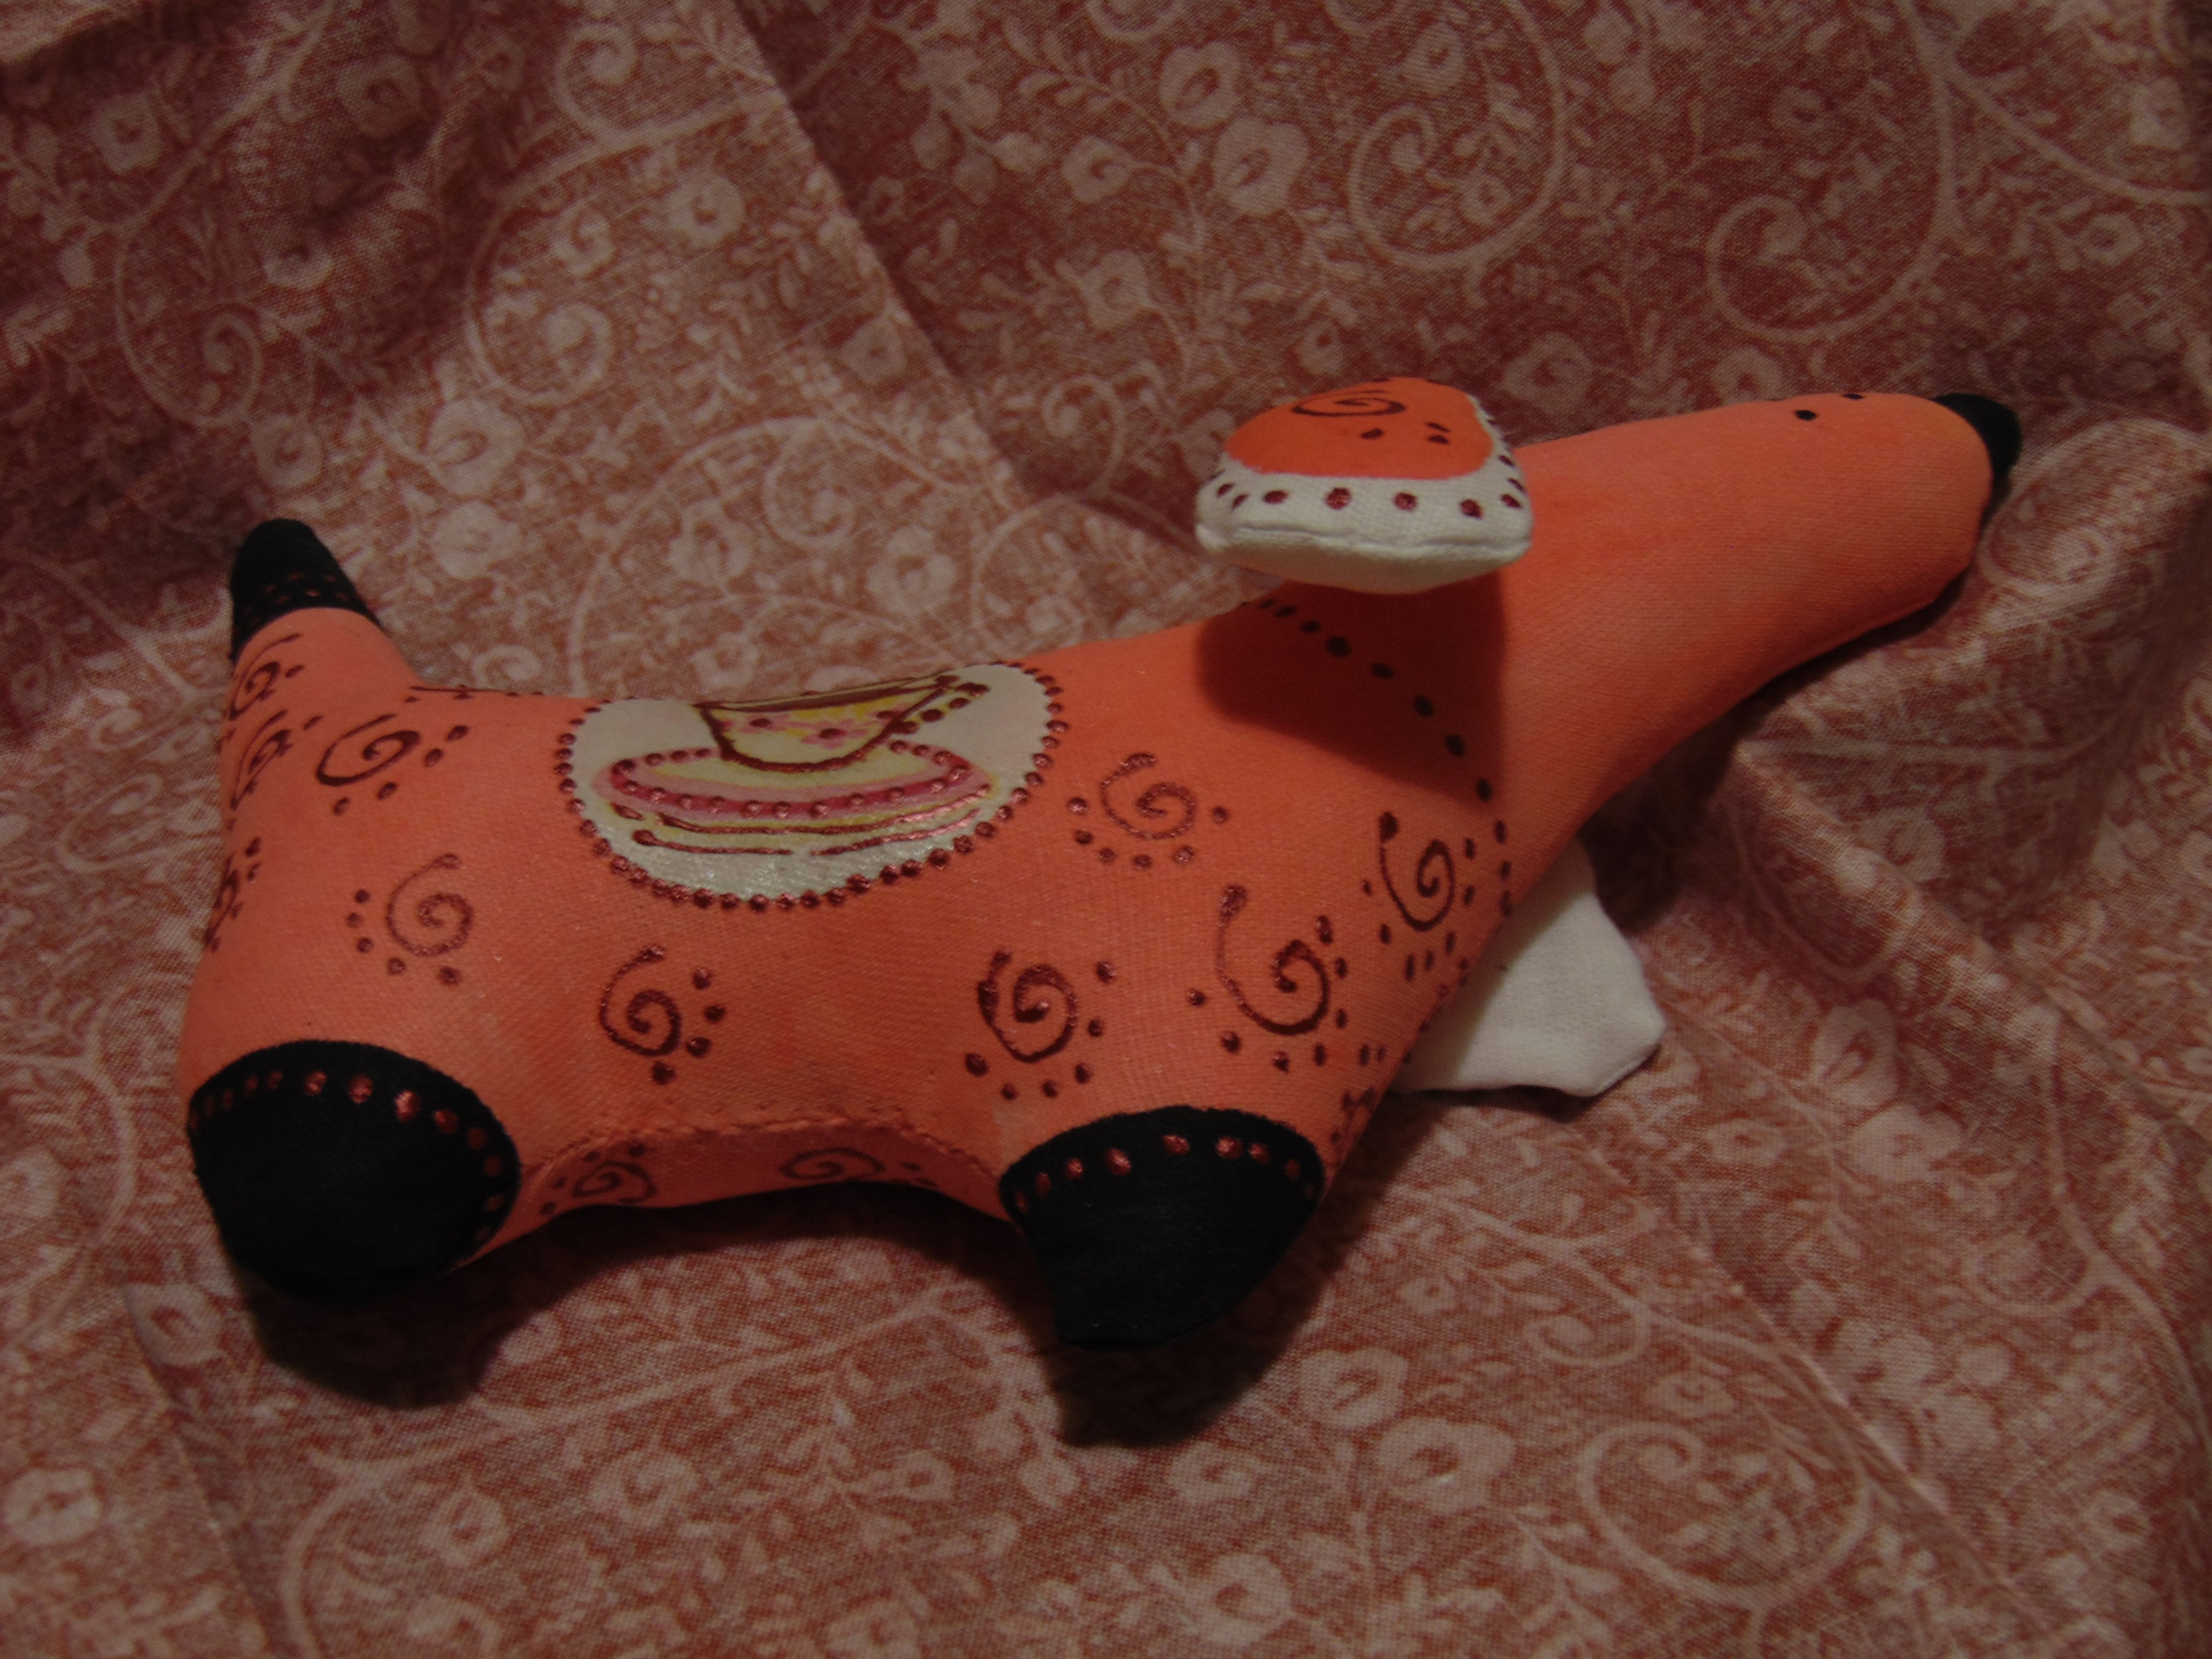 таксаручная игрушка handmadeрыжаяподарок работатекстильная